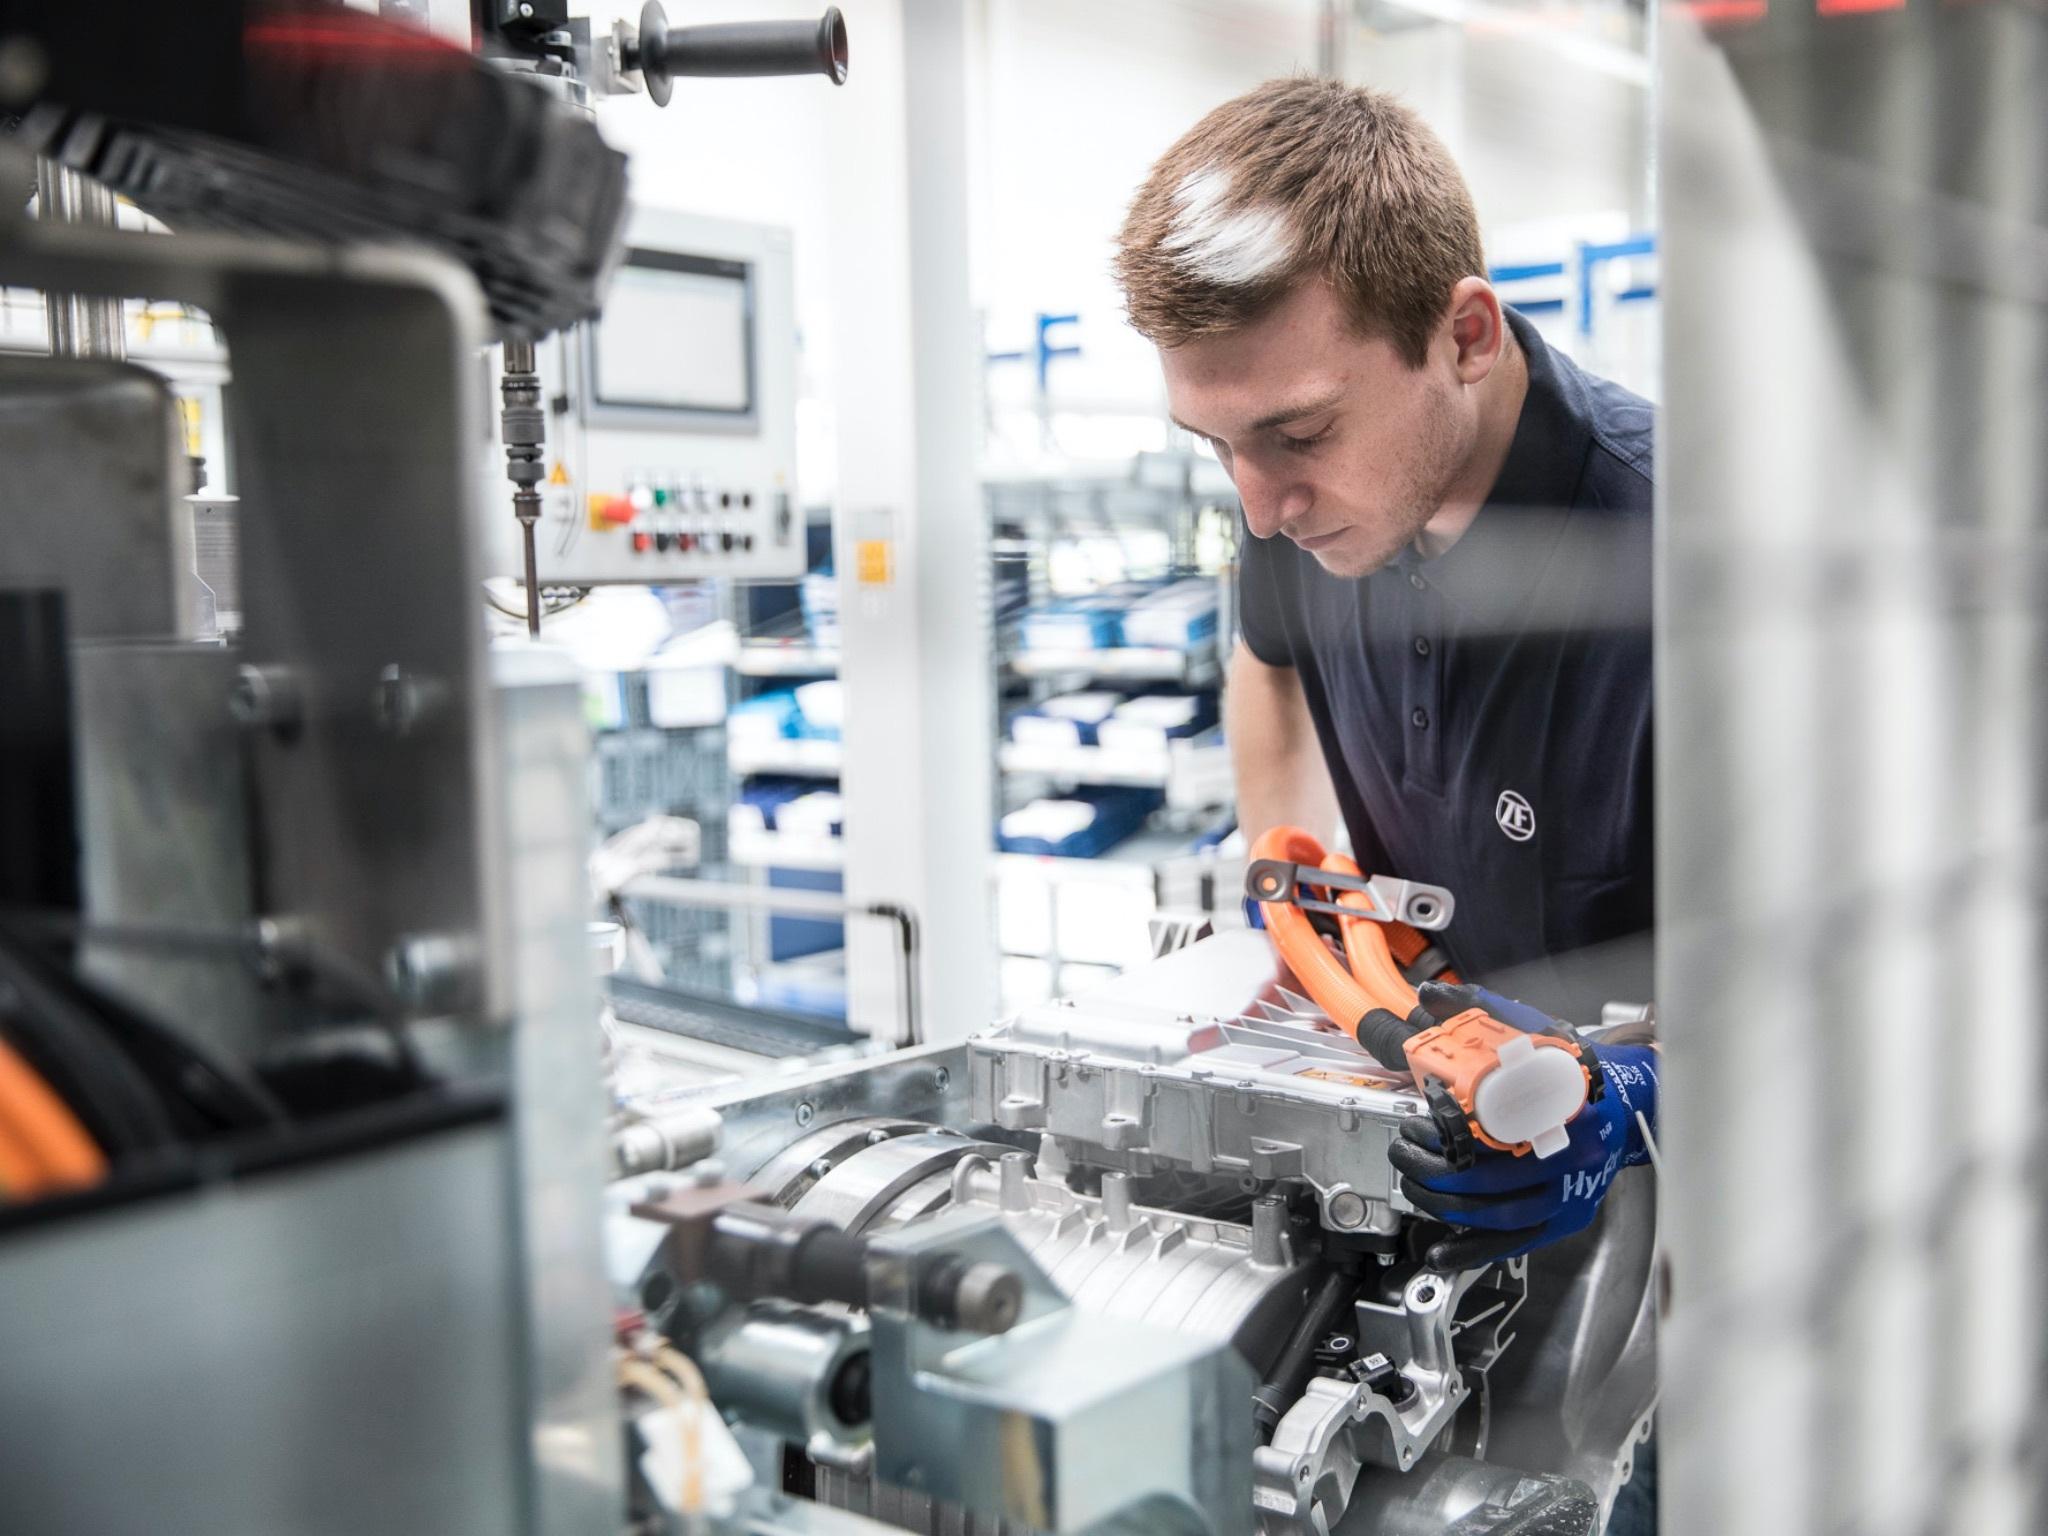 Mitarbeiter:innen bei ZF in Schweinfurt profitieren von einem Qualifizierungsprogramm. Foto: Dominik Gigler